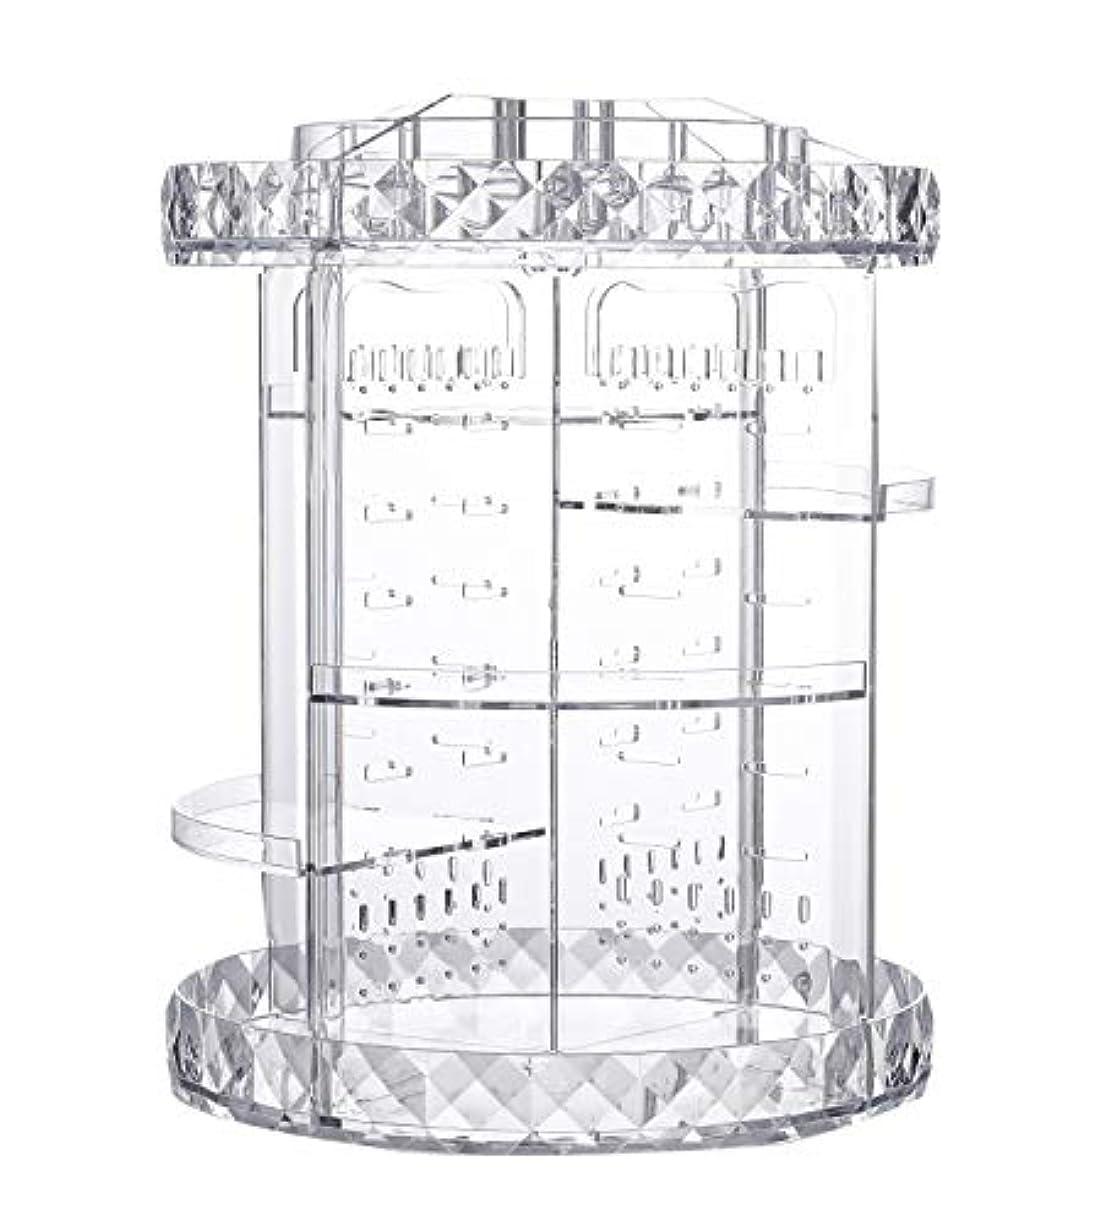 ミット比較こしょう化粧品収納ボックス ネックレス収納 アクセサリー収納 回転式360度 透明 メイクボックス 組み立て 調整可能